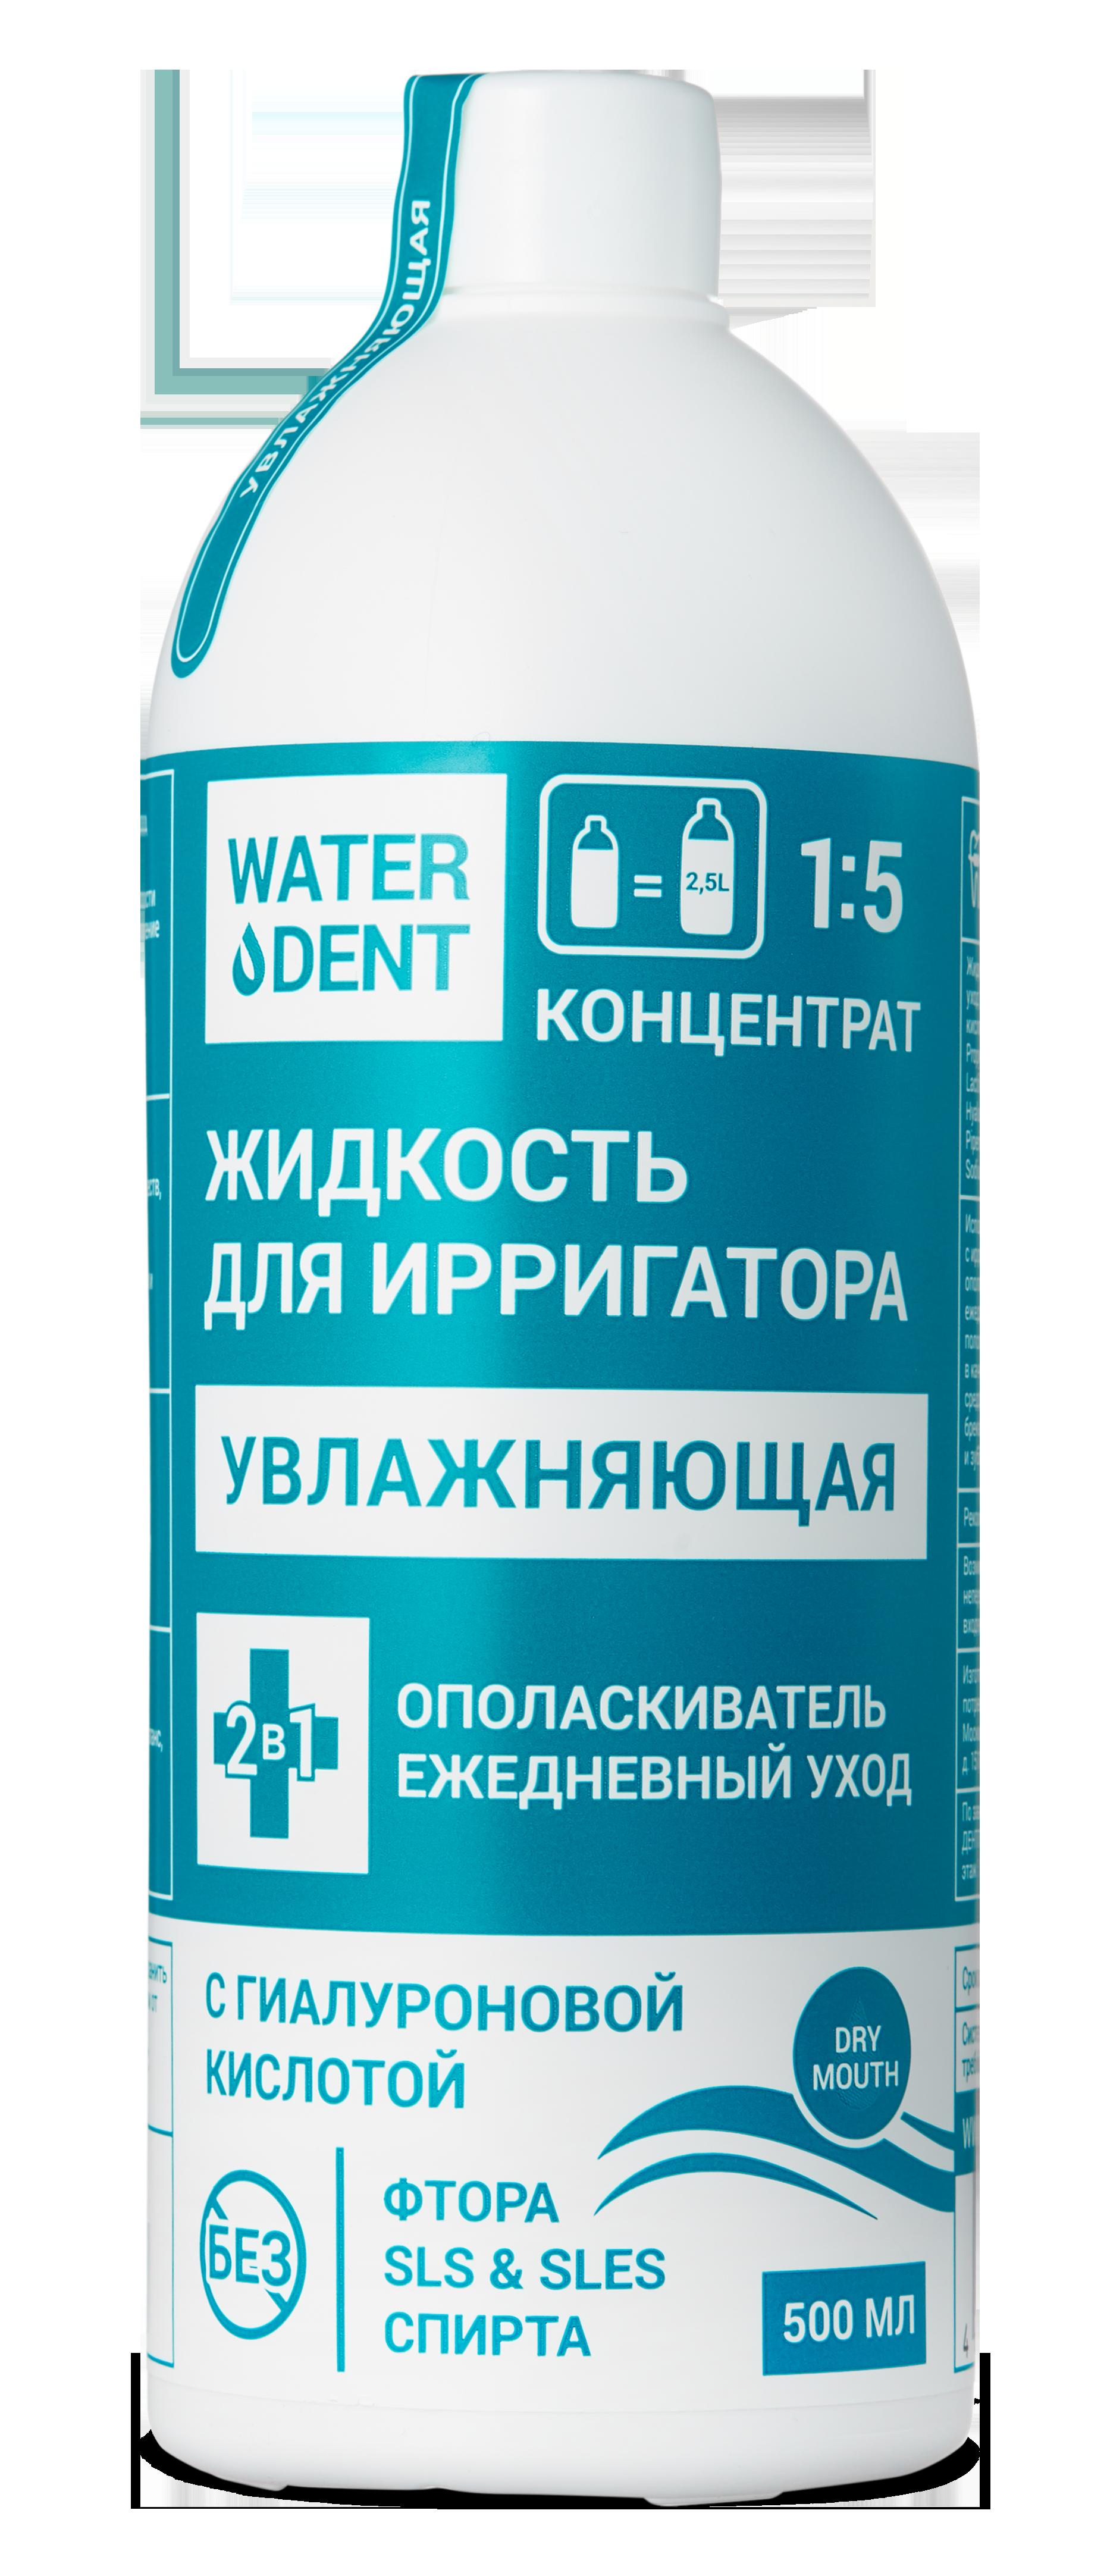 WATERDENT Жидкость с гиалуроновой кислотой для ирригатора